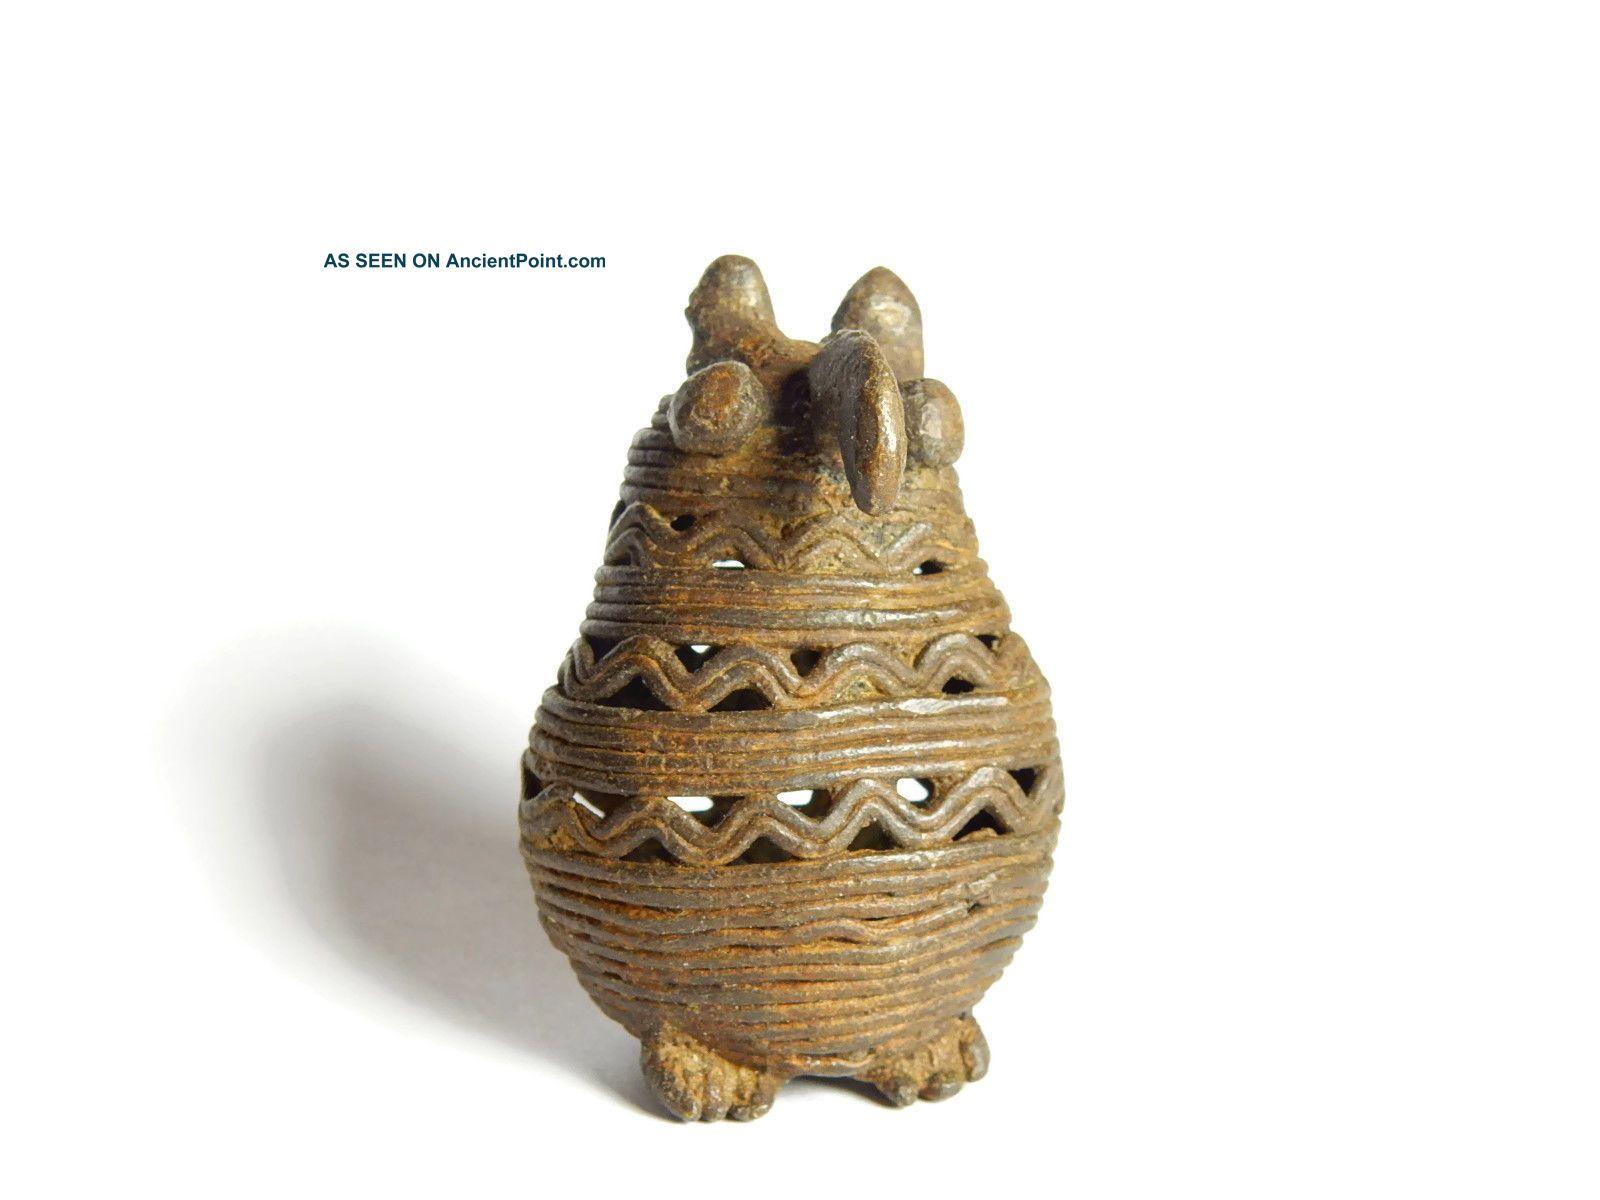 African Antique Cast Bronze Akan Ashanti Gold Weight - An Owl Sculptures & Statues photo